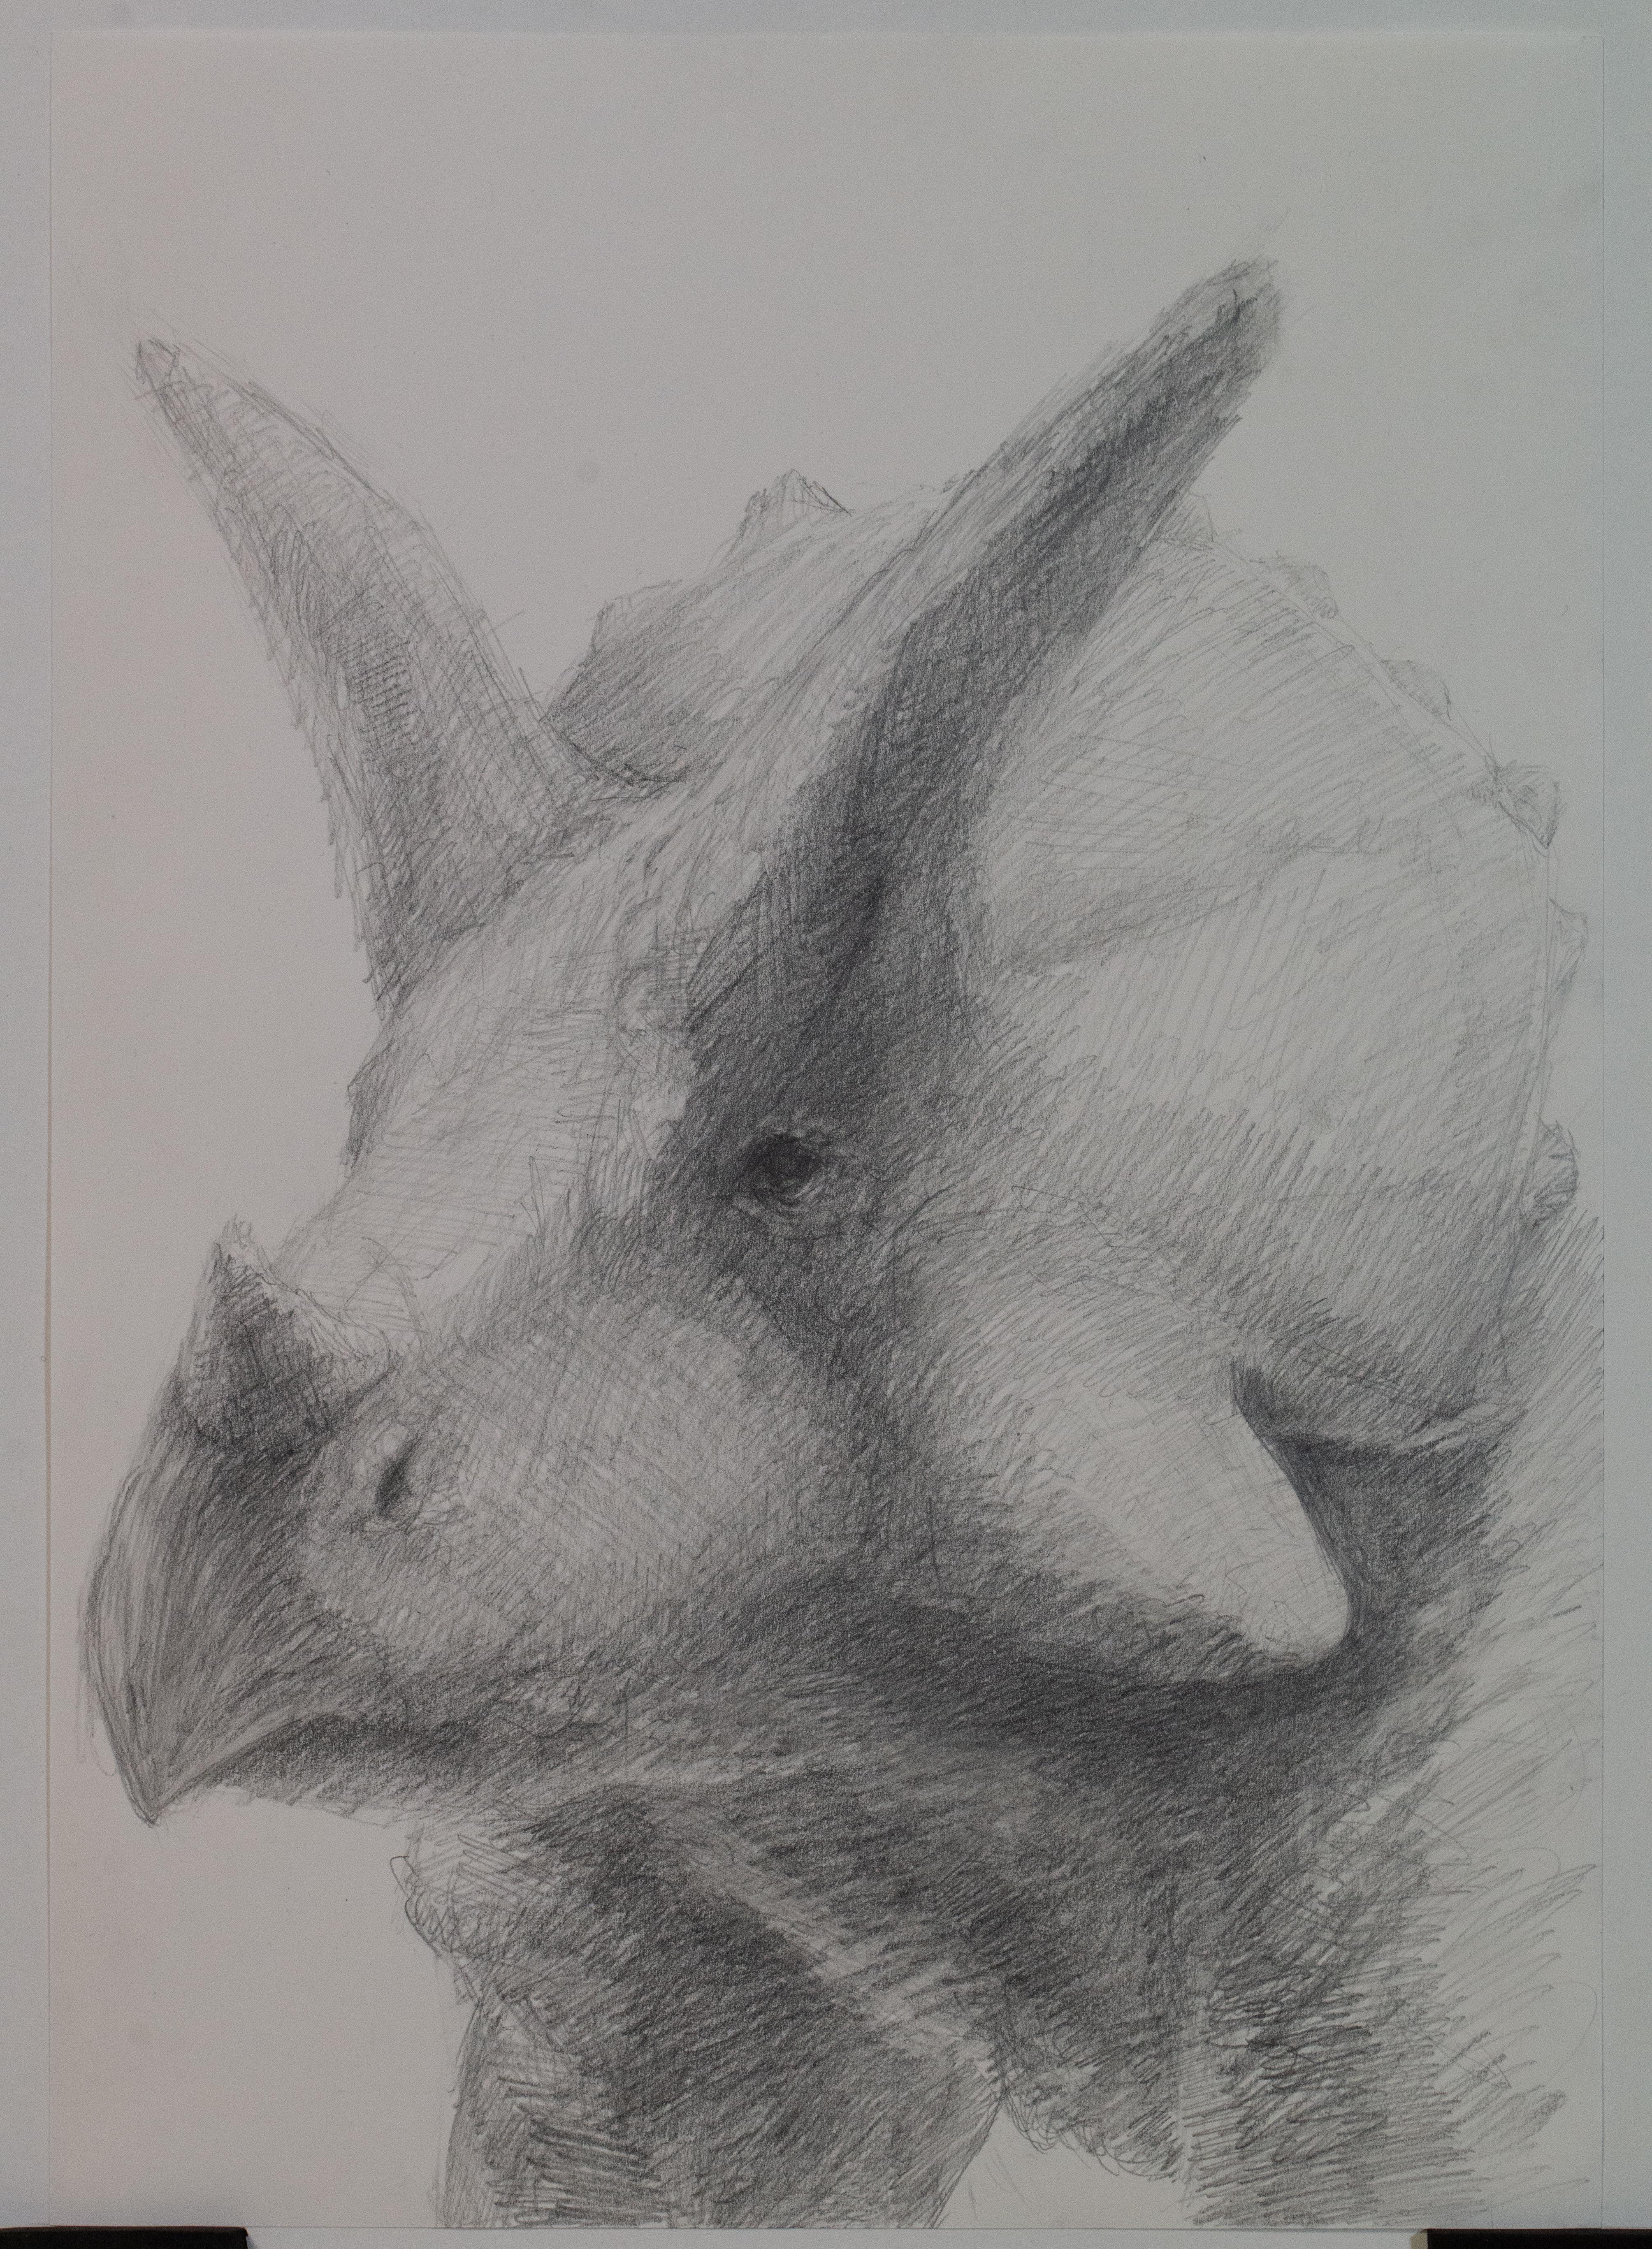 トリケラトプス鉛筆デッサン